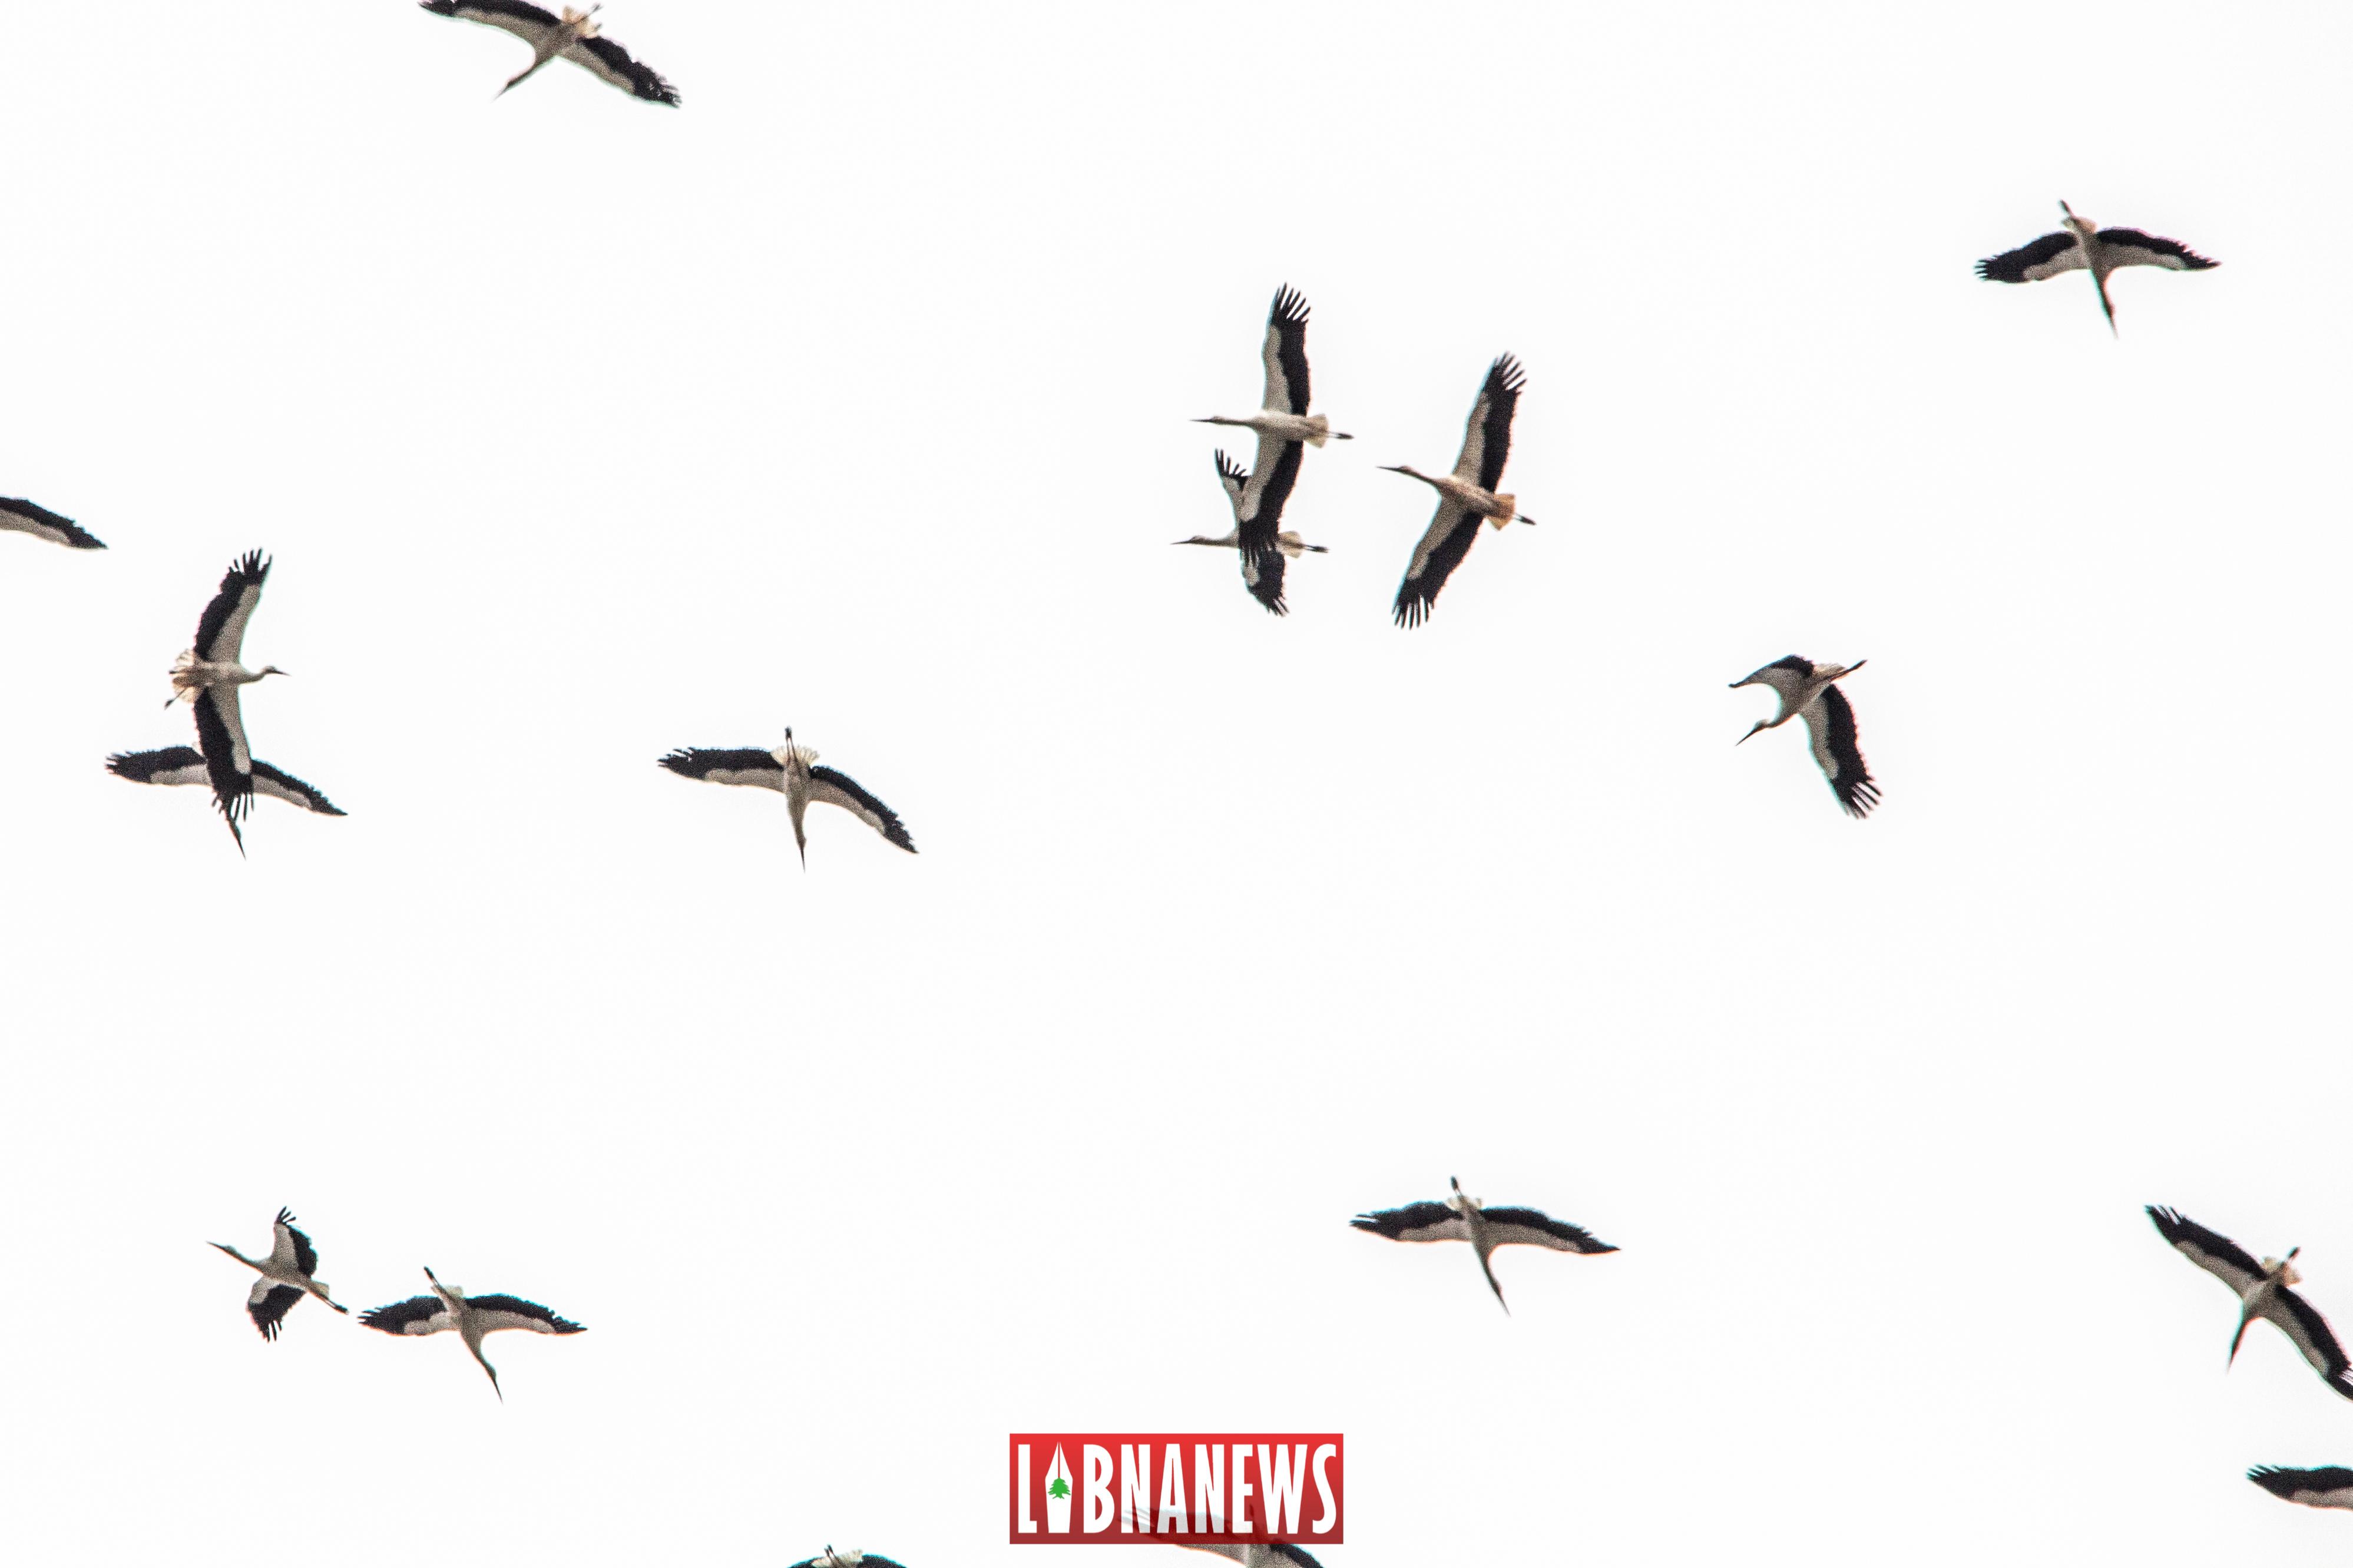 Des cigognes dans le ciel du Liban. Crédit Photo: François el Bacha pour Libnanews.com. Tous droits réservés.